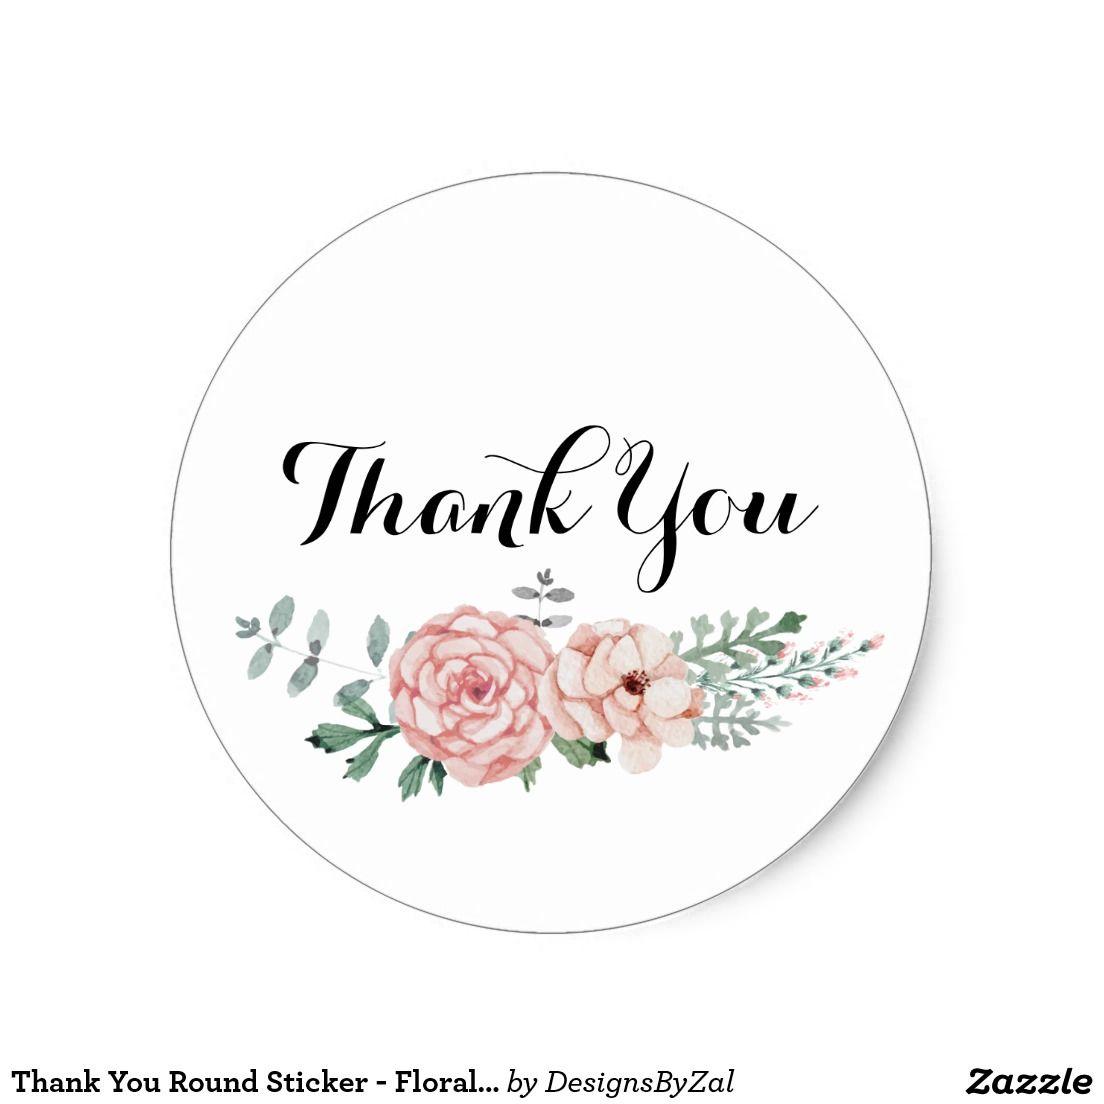 Thank you round sticker floral wreath design zazzle shop thank you round sticker floral wreath design izmirmasajfo